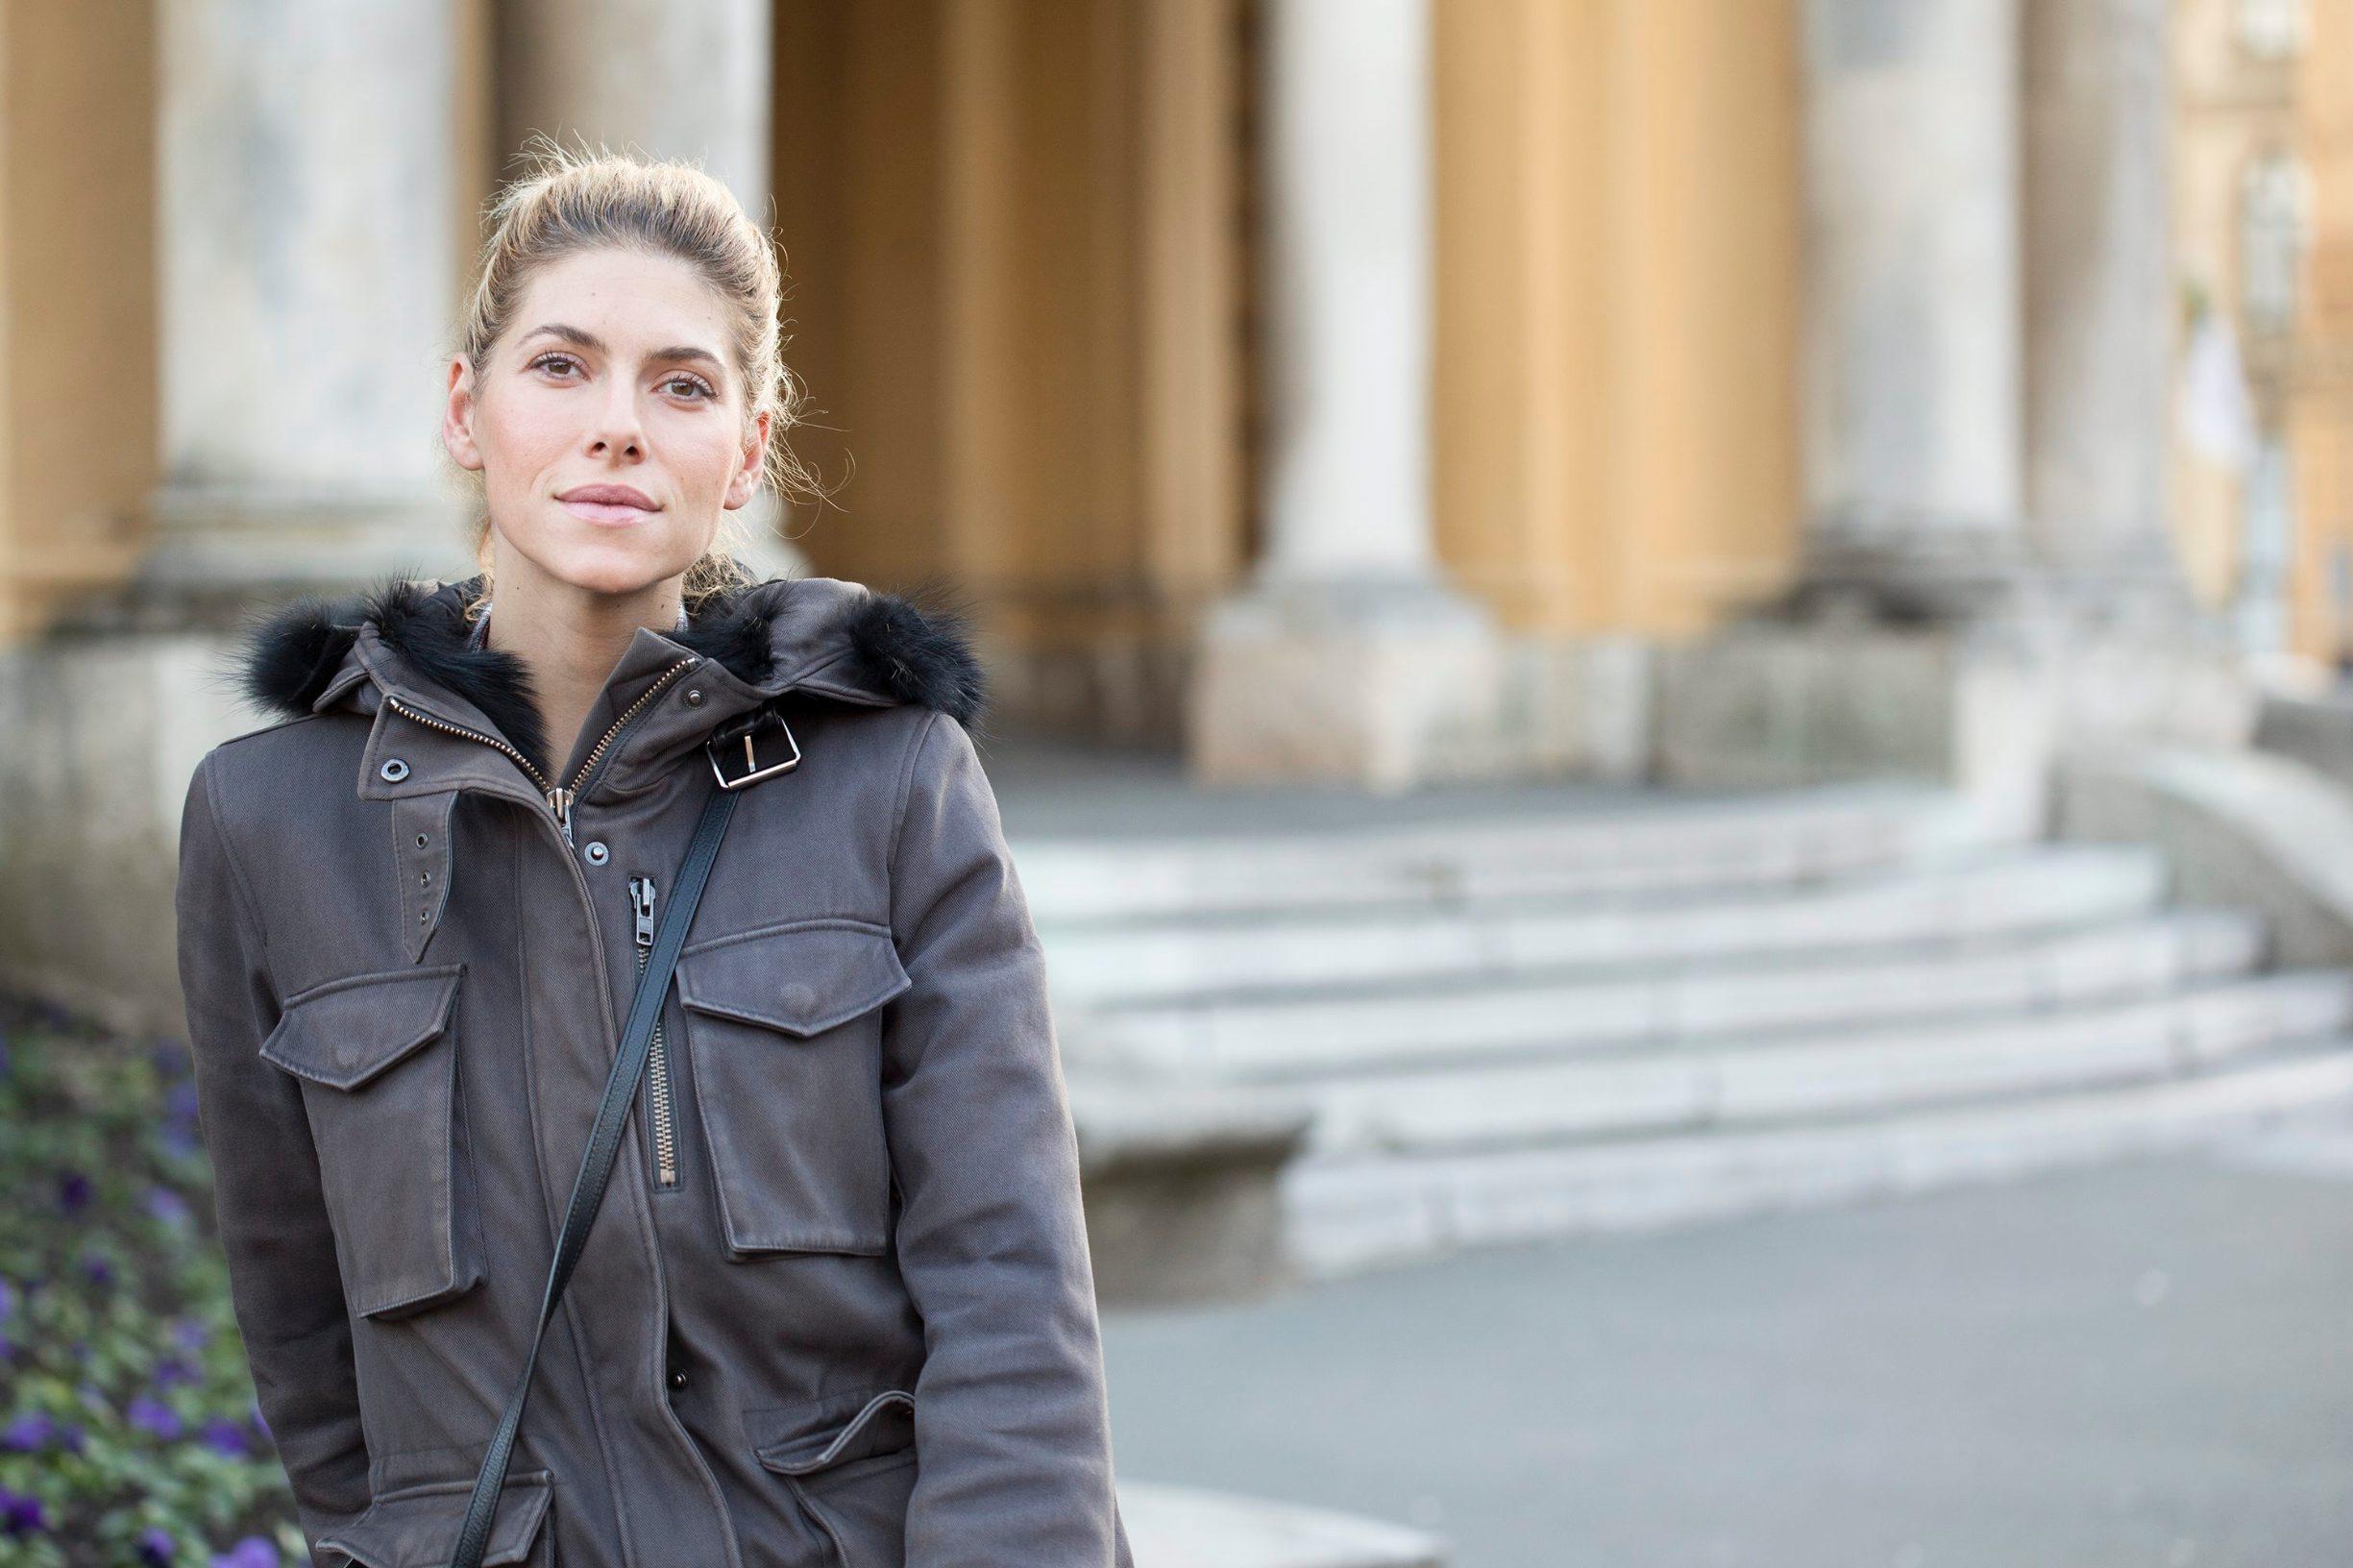 Zagreb, 091116. Hrvatska glumica Jelana Percin snimljena ispred zagrebackog HNK. Foto: Nikola Serventic / CROPIX